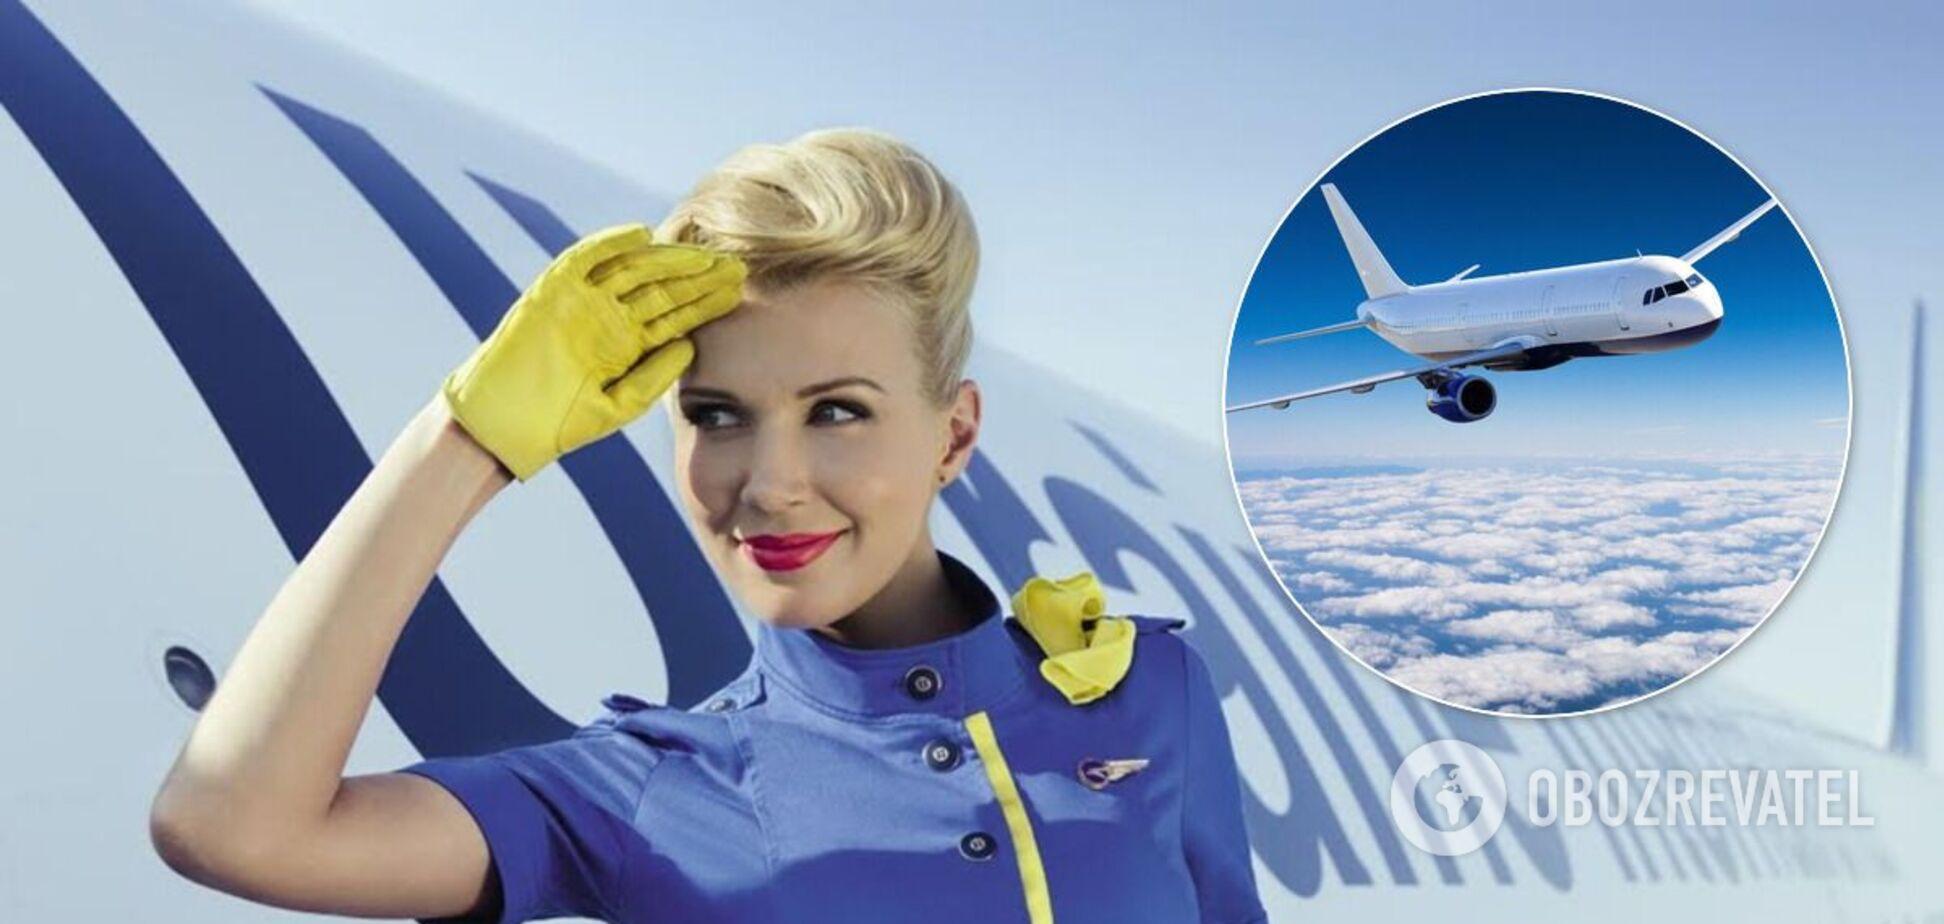 Новая авиакомпания анонсировала запуск двух маршрутов с Италии в Украину